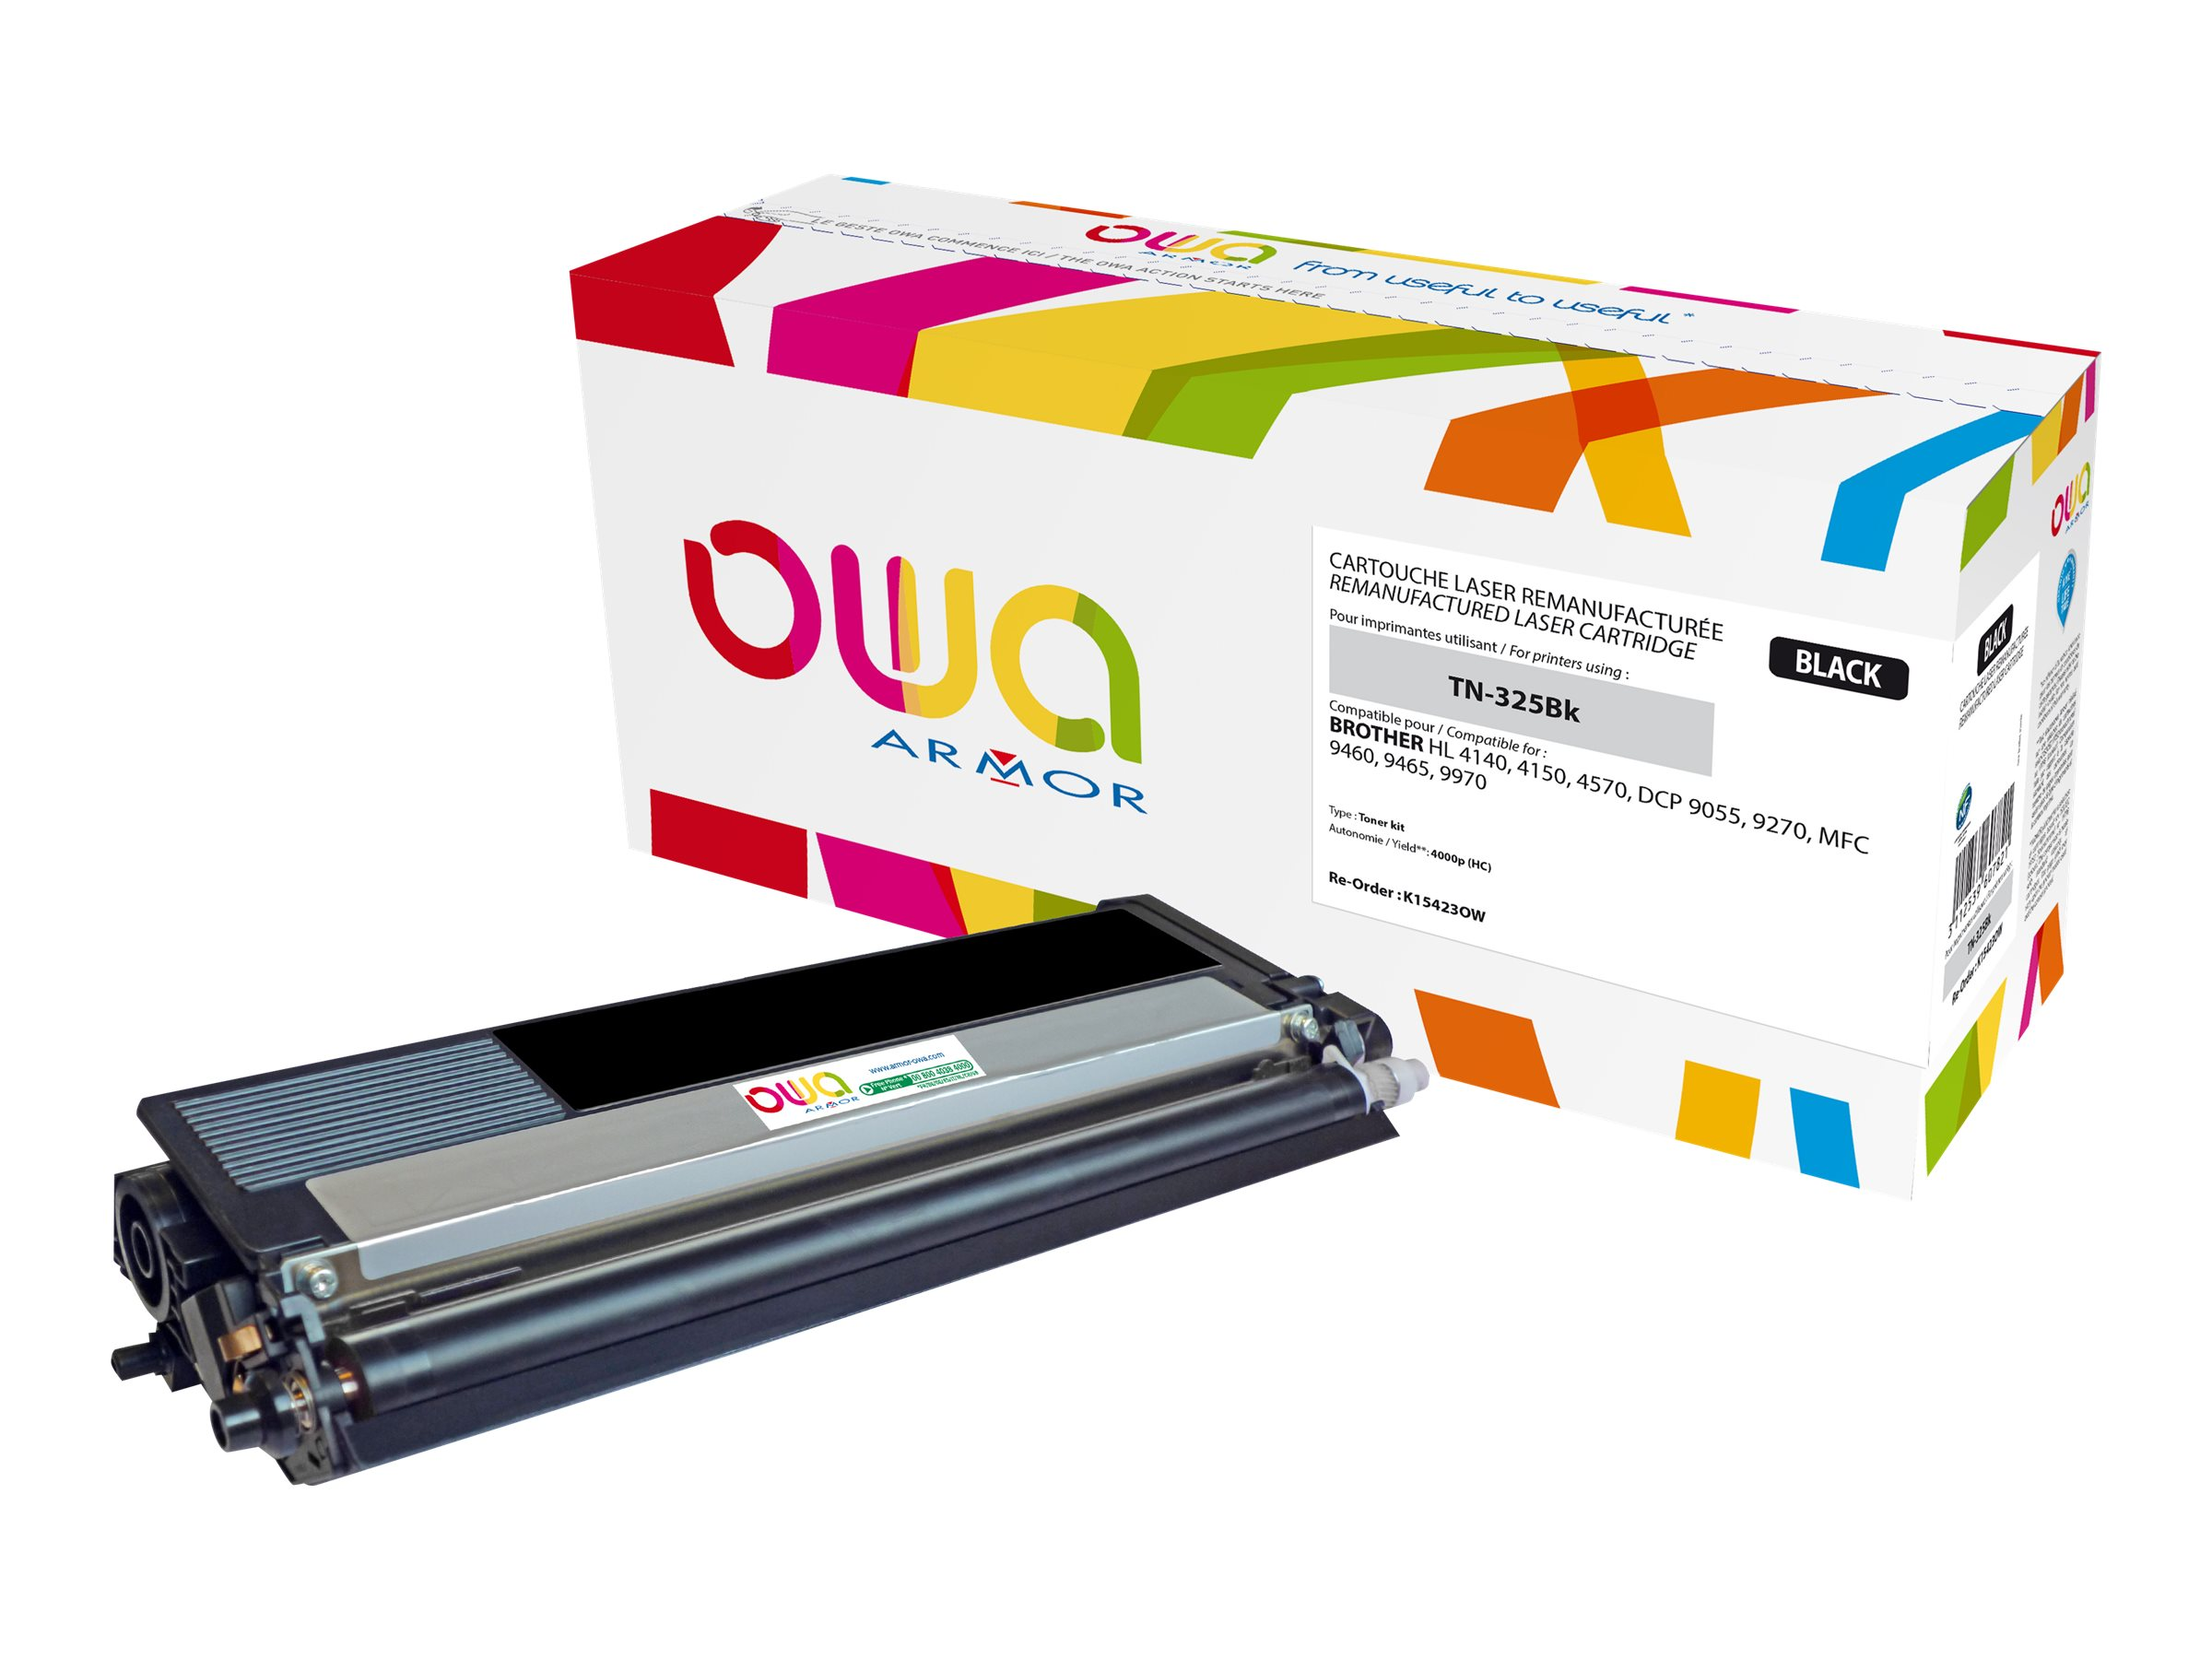 Brother TN325 - remanufacturé Owa K15423OW - noir - cartouche laser